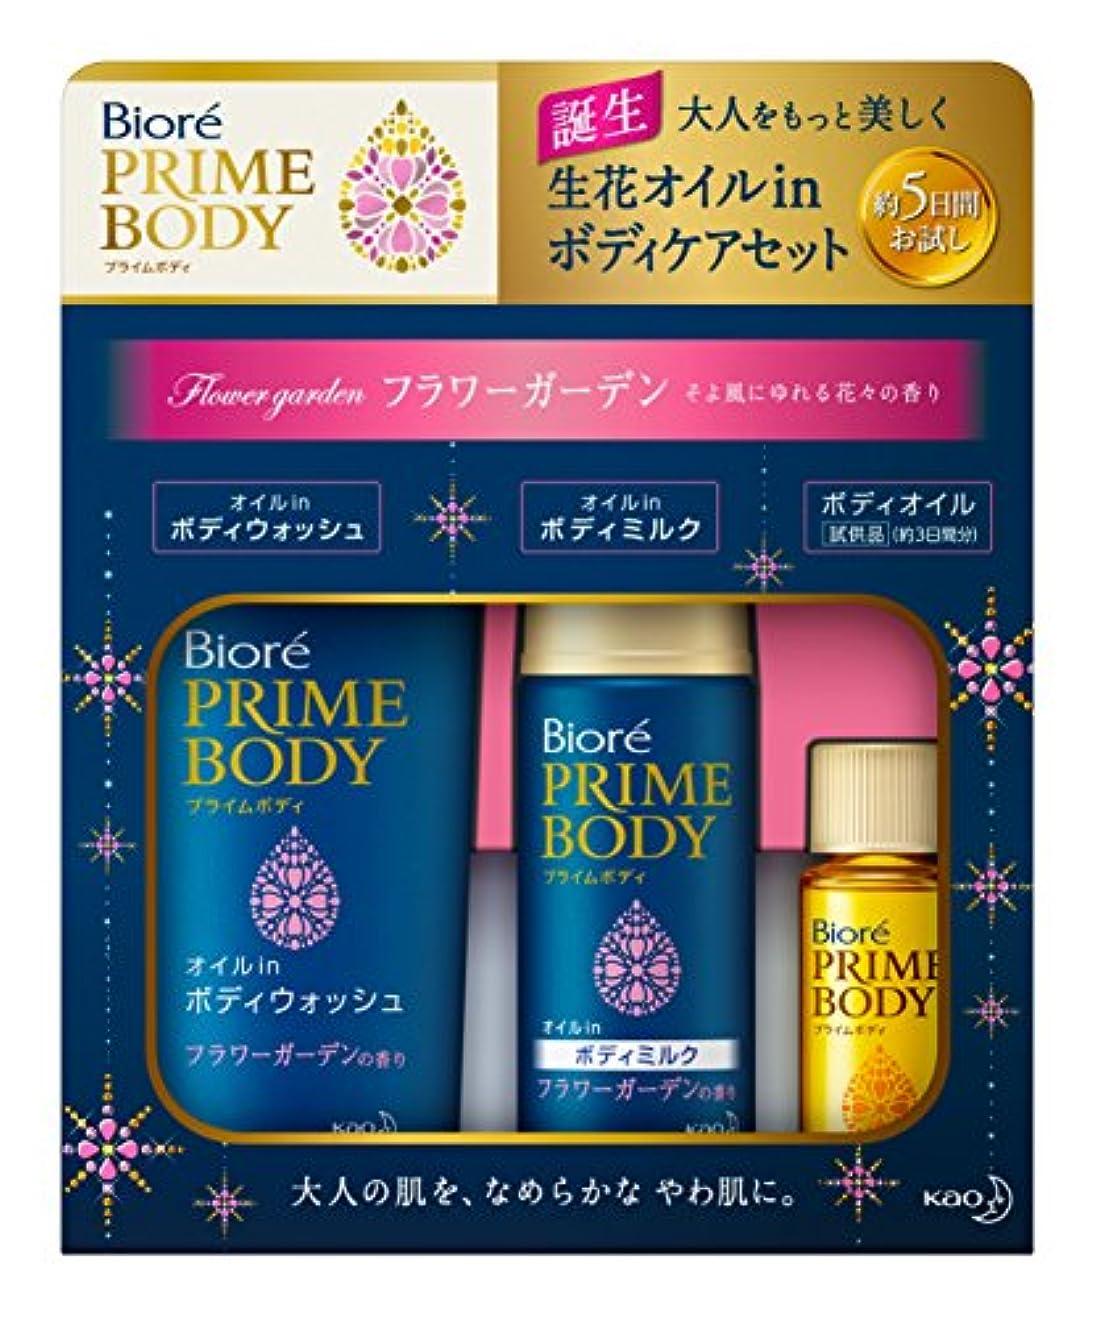 ナプキン水草ビオレ プライムボディ 5日間お試しセット フラワーガーデンの香り 83ml